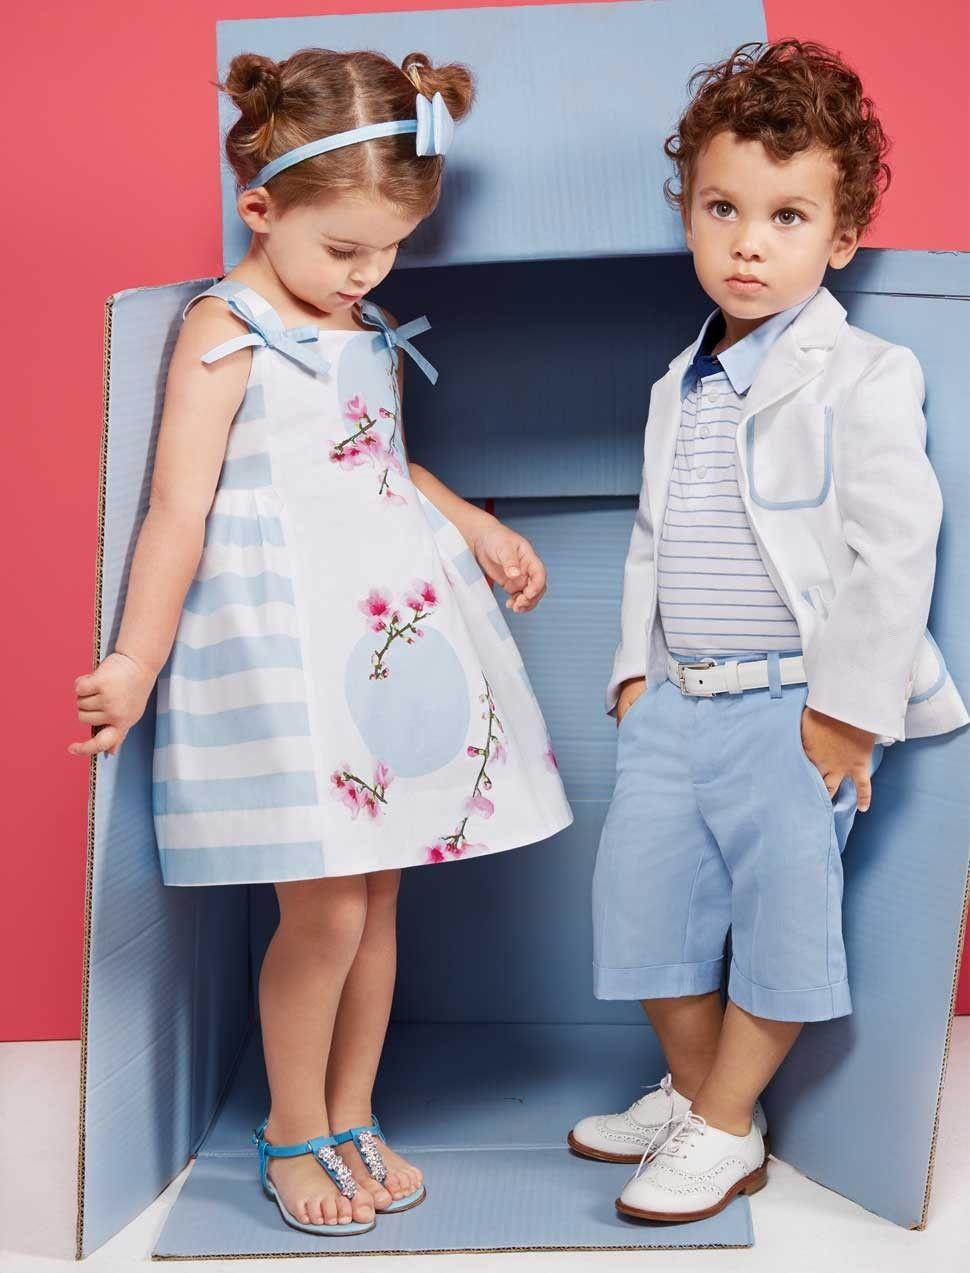 Thoi trang con nit 1 - Gợi ý thời trang kiểu tây cho bé